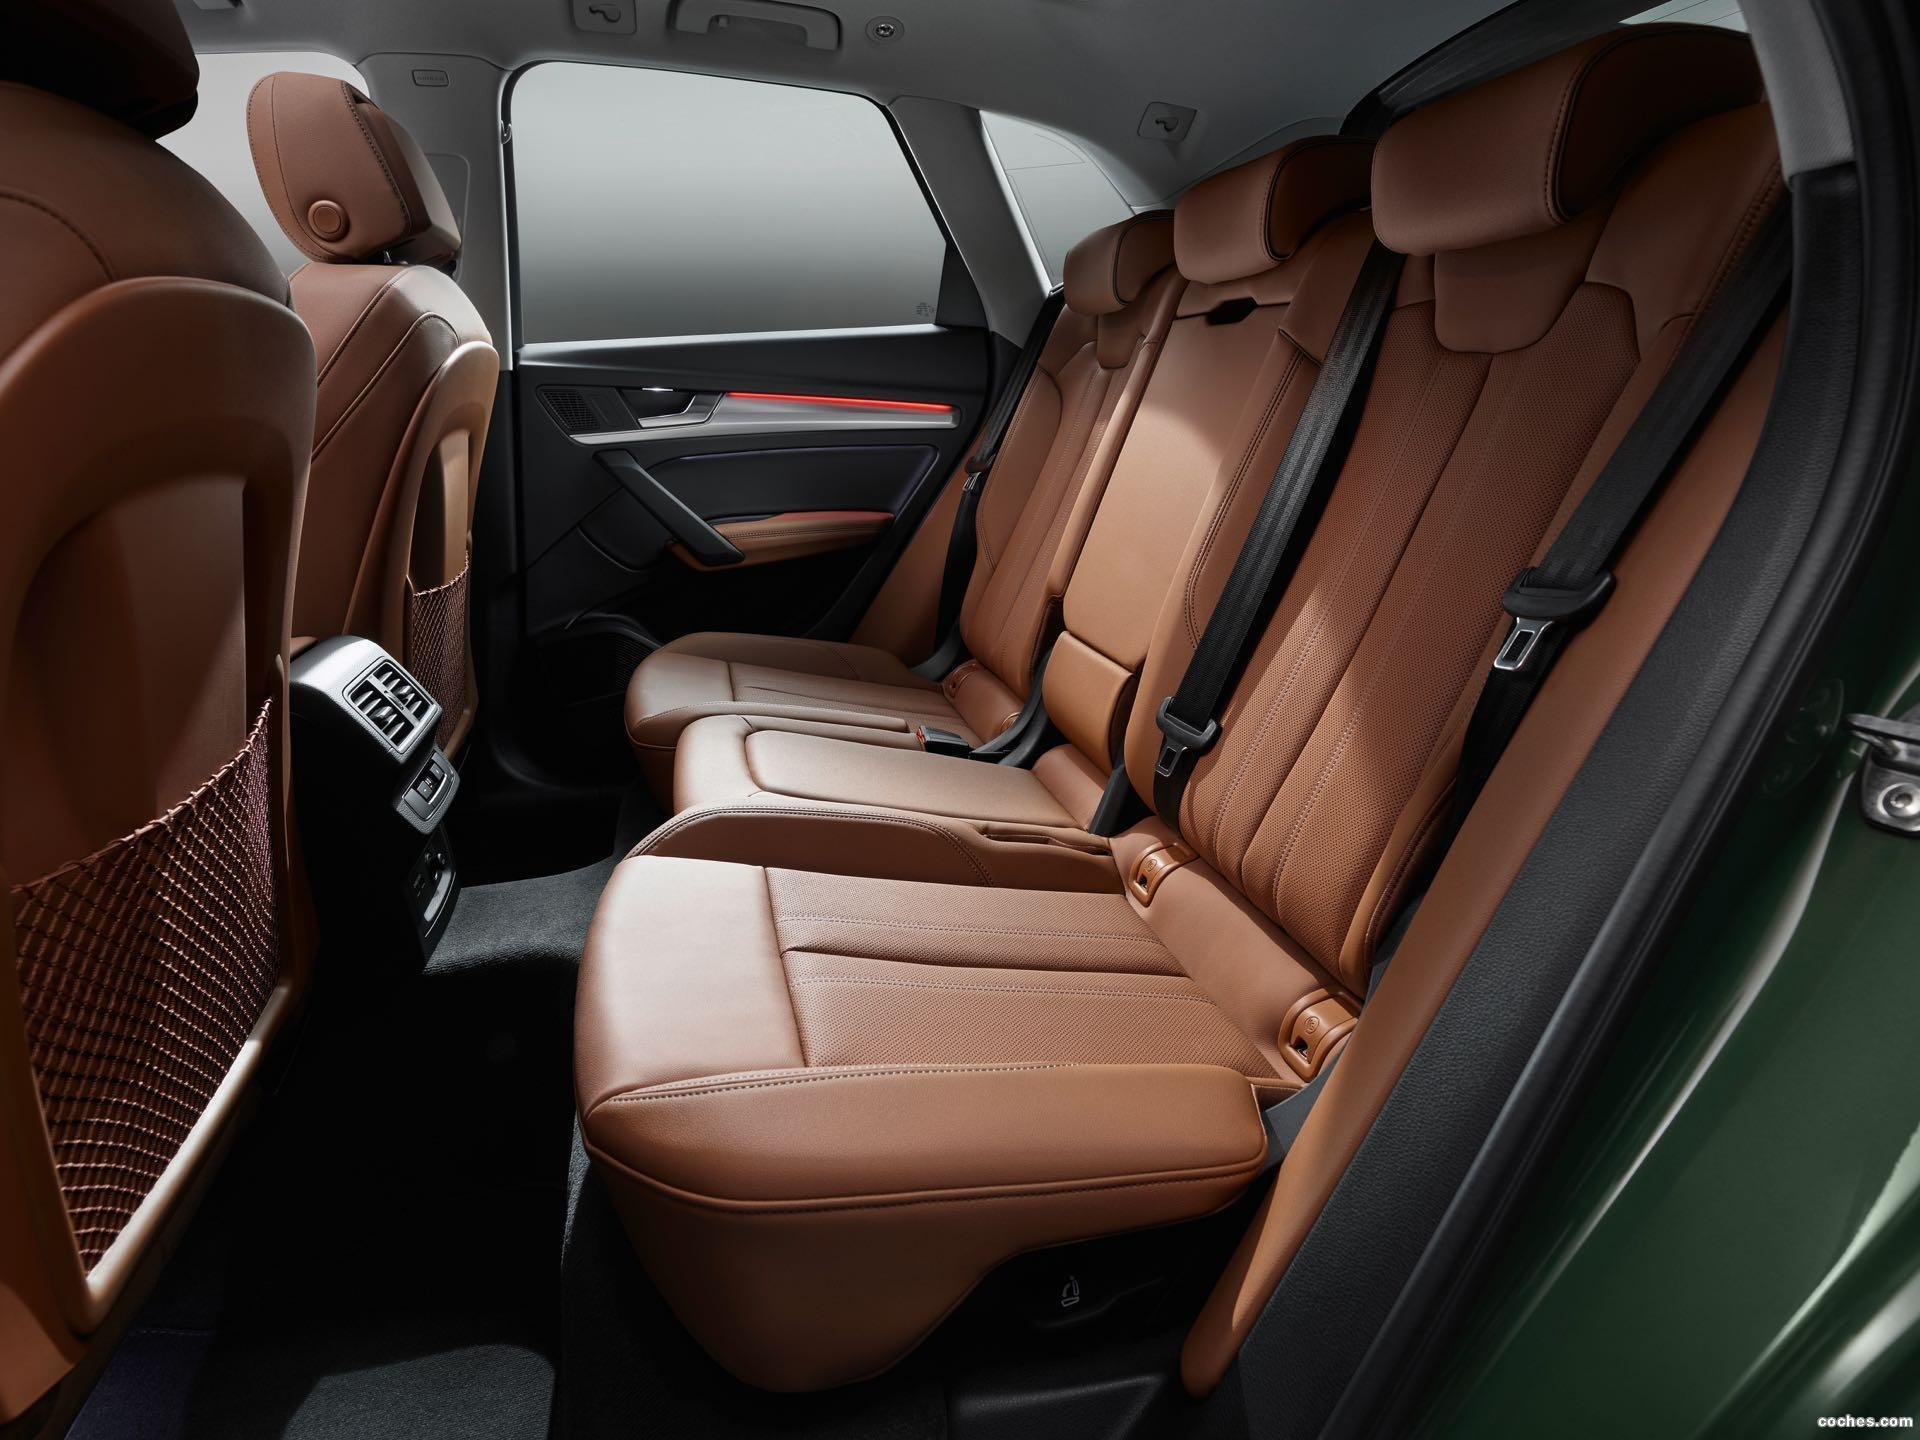 Foto 2 de Audi Q5 40 TDI quattro S line 2020